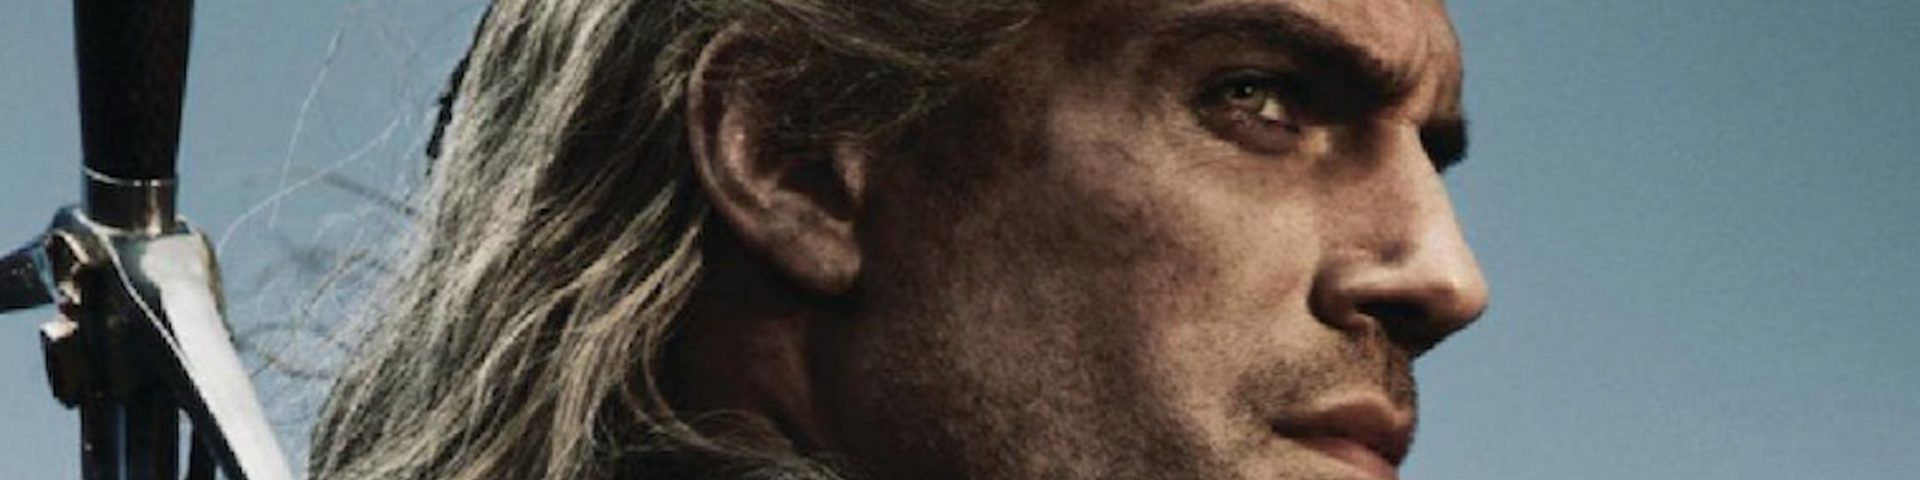 The Witcher: Blood Origin, il prequel della serie sbarca su Netflix